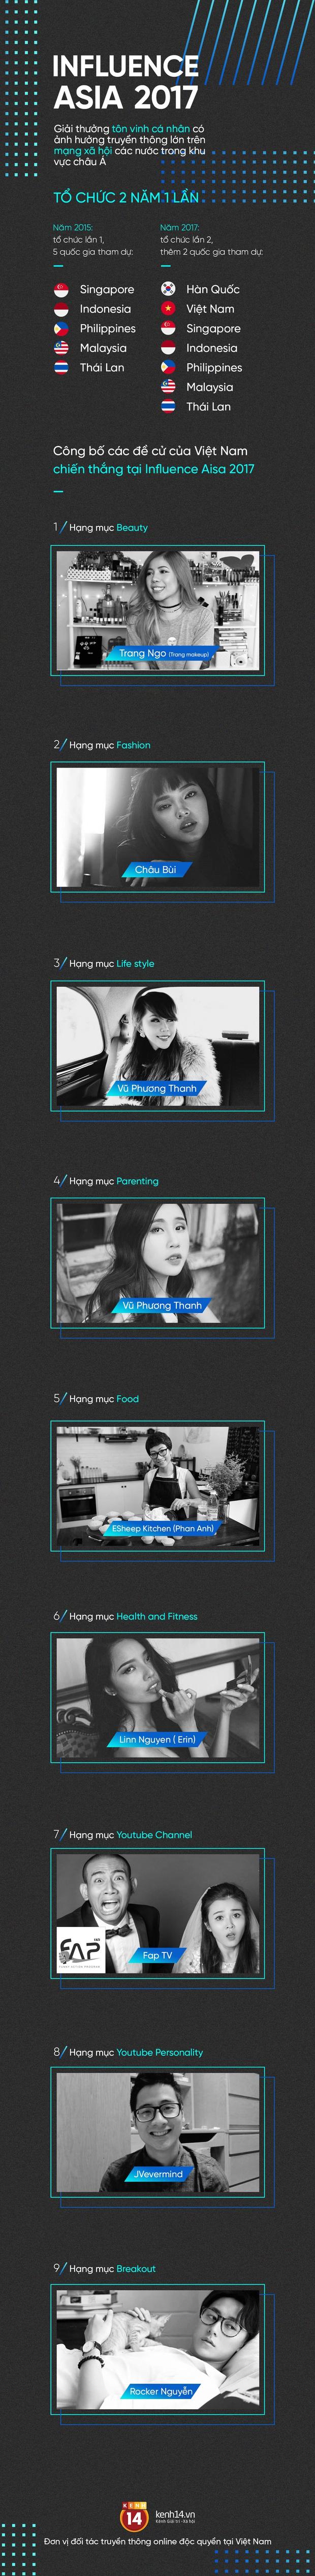 Đây là những cái tên Việt Nam có sức ảnh hưởng trên mạng xã hội lớn nhất Châu Á năm 2017! - Ảnh 1.